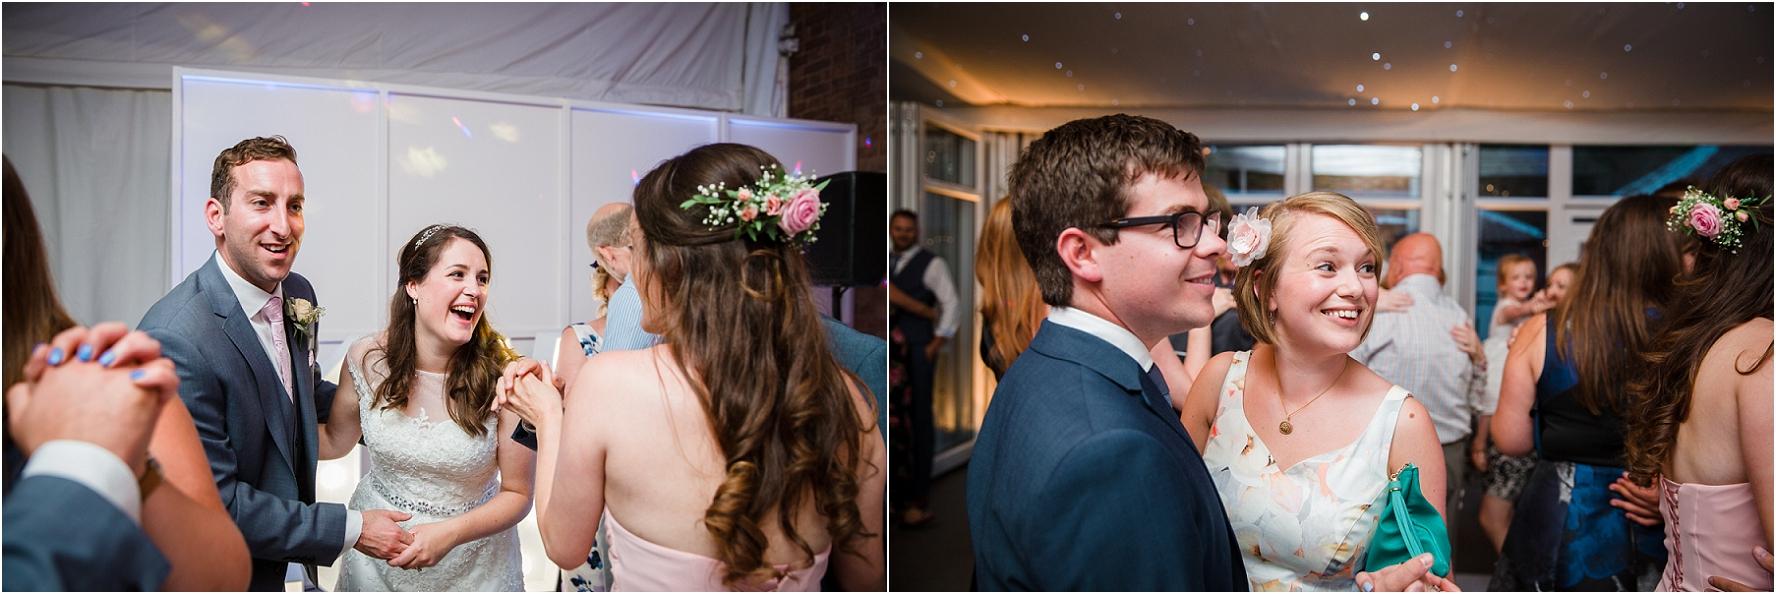 wedding-photography-norwood-park_0101